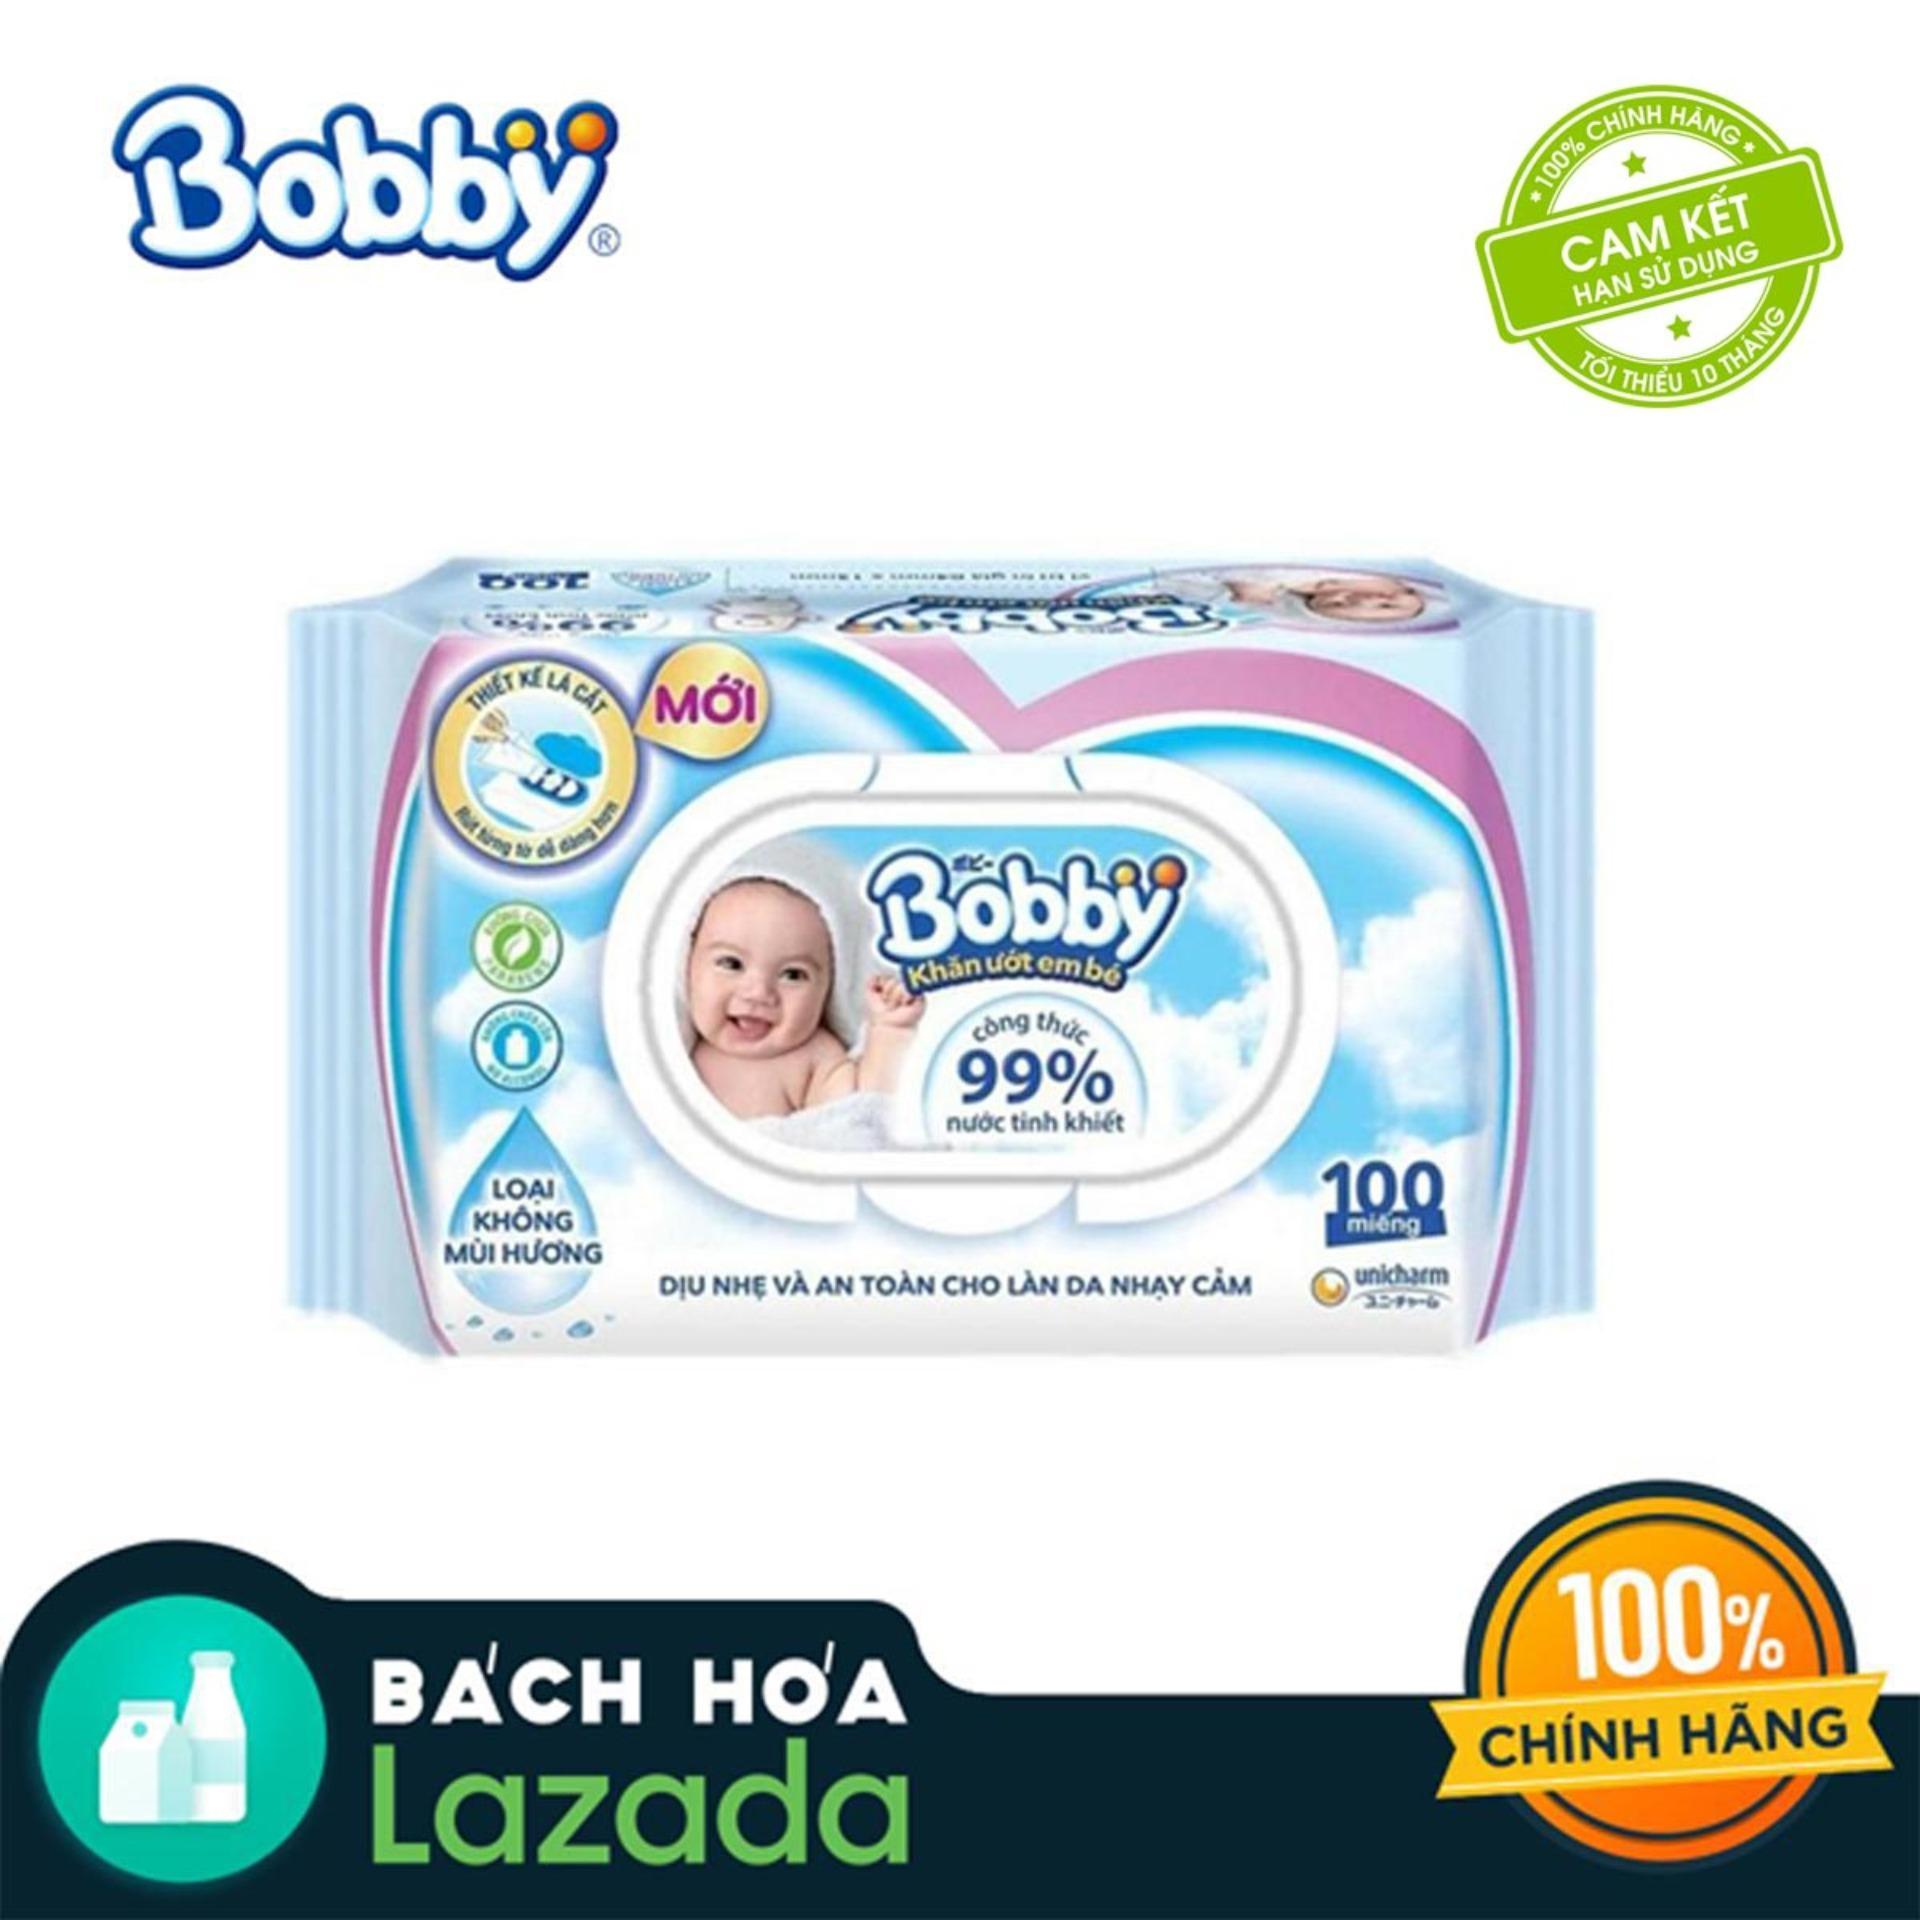 Khăn ướt trẻ em Bobby Care không mùi hương gói...